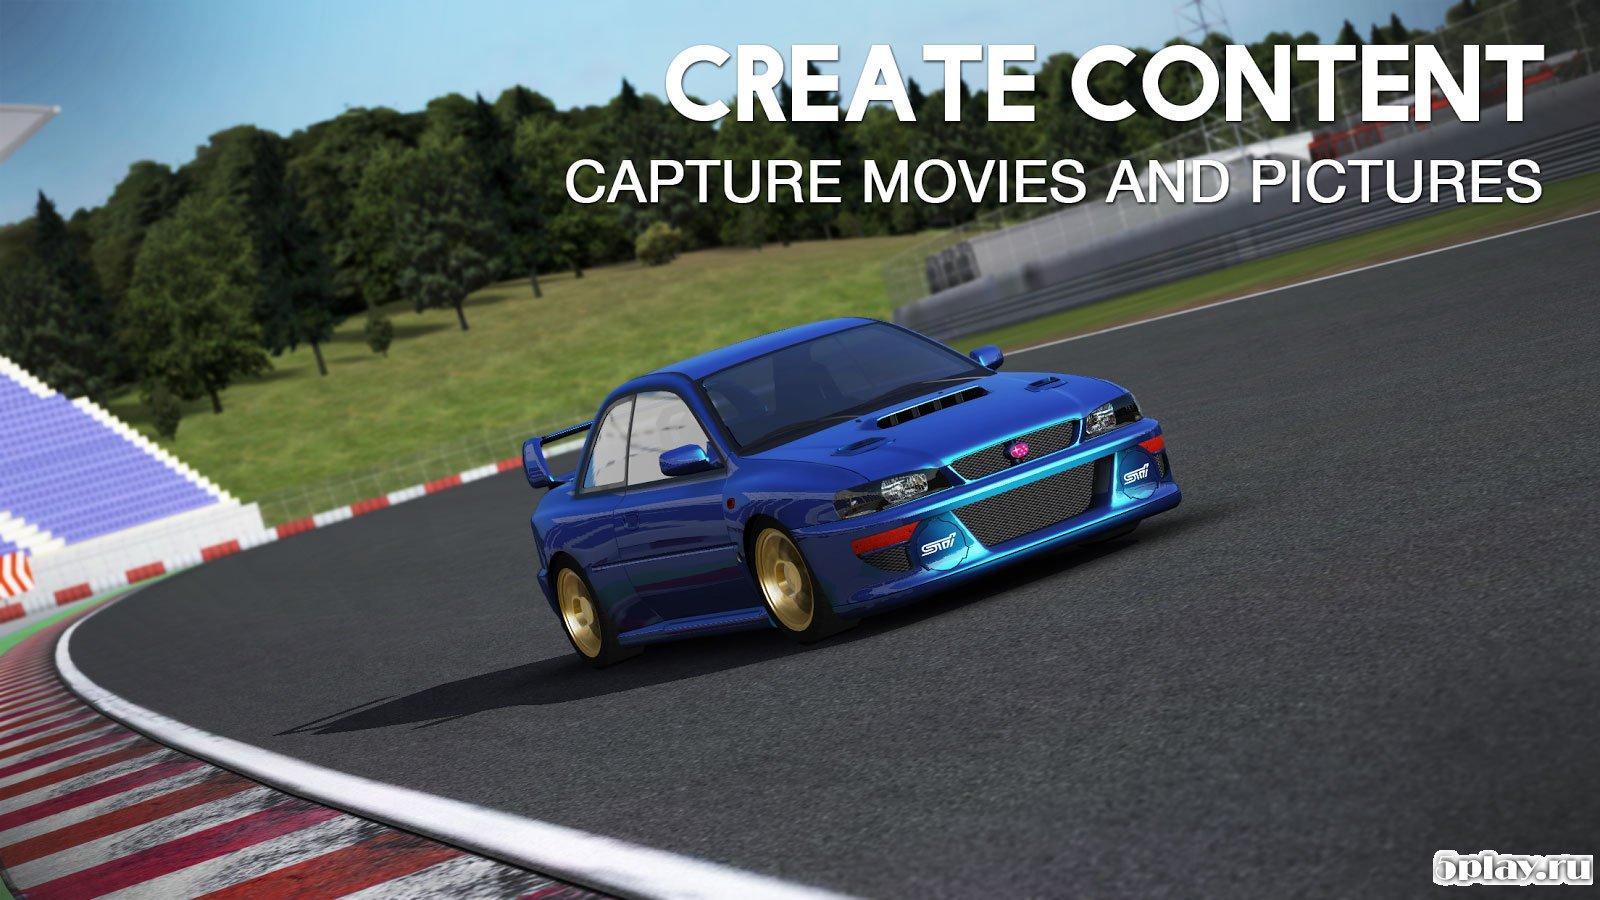 assoluto racing mod apkmonk